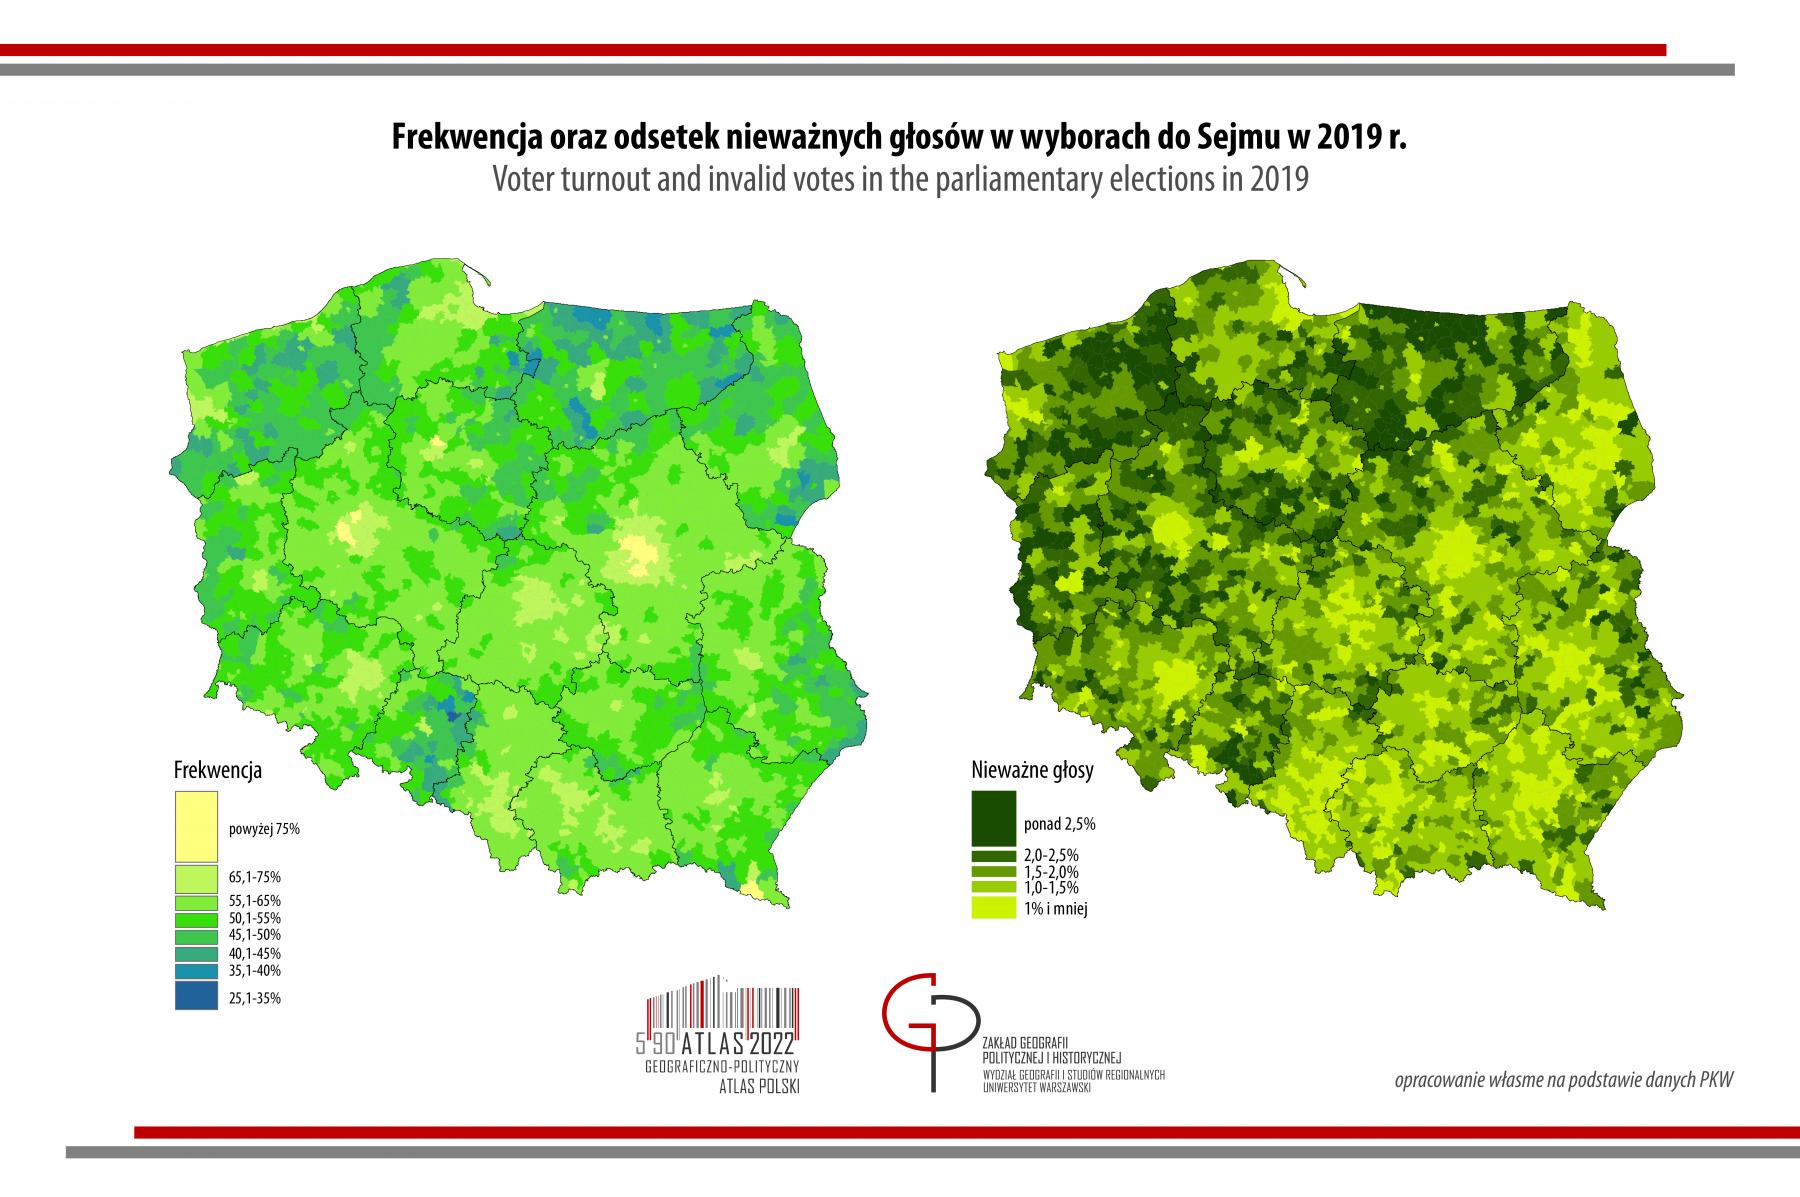 MAPA TYGODNIA - wybory do Sejmu 2019 frekwencja i głosy nieważne